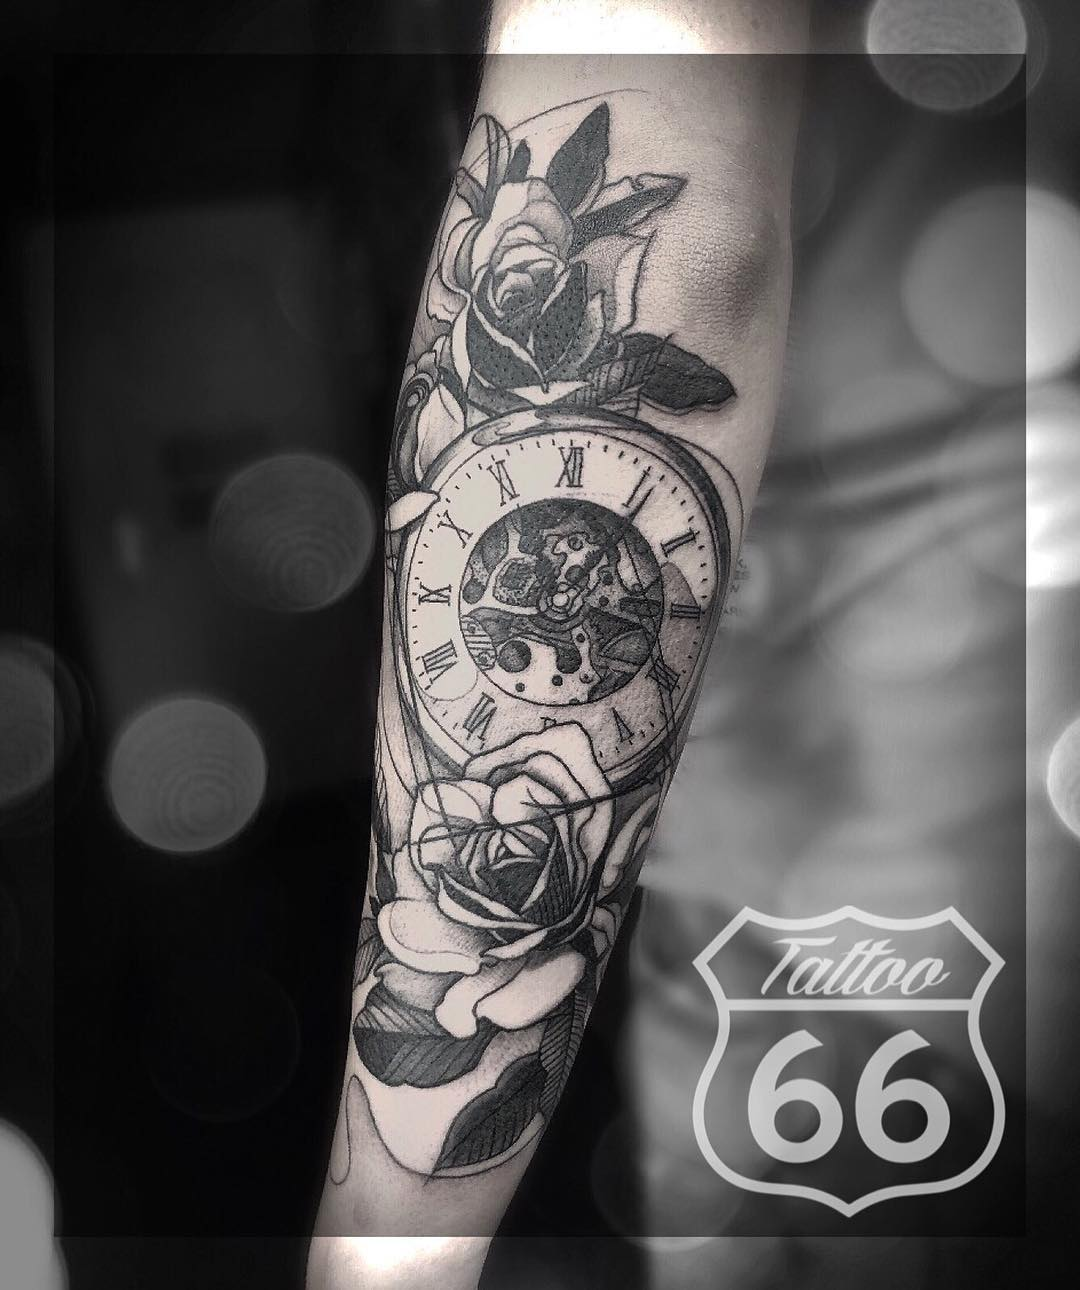 Татуировка Часов в Цветах на Предплечье